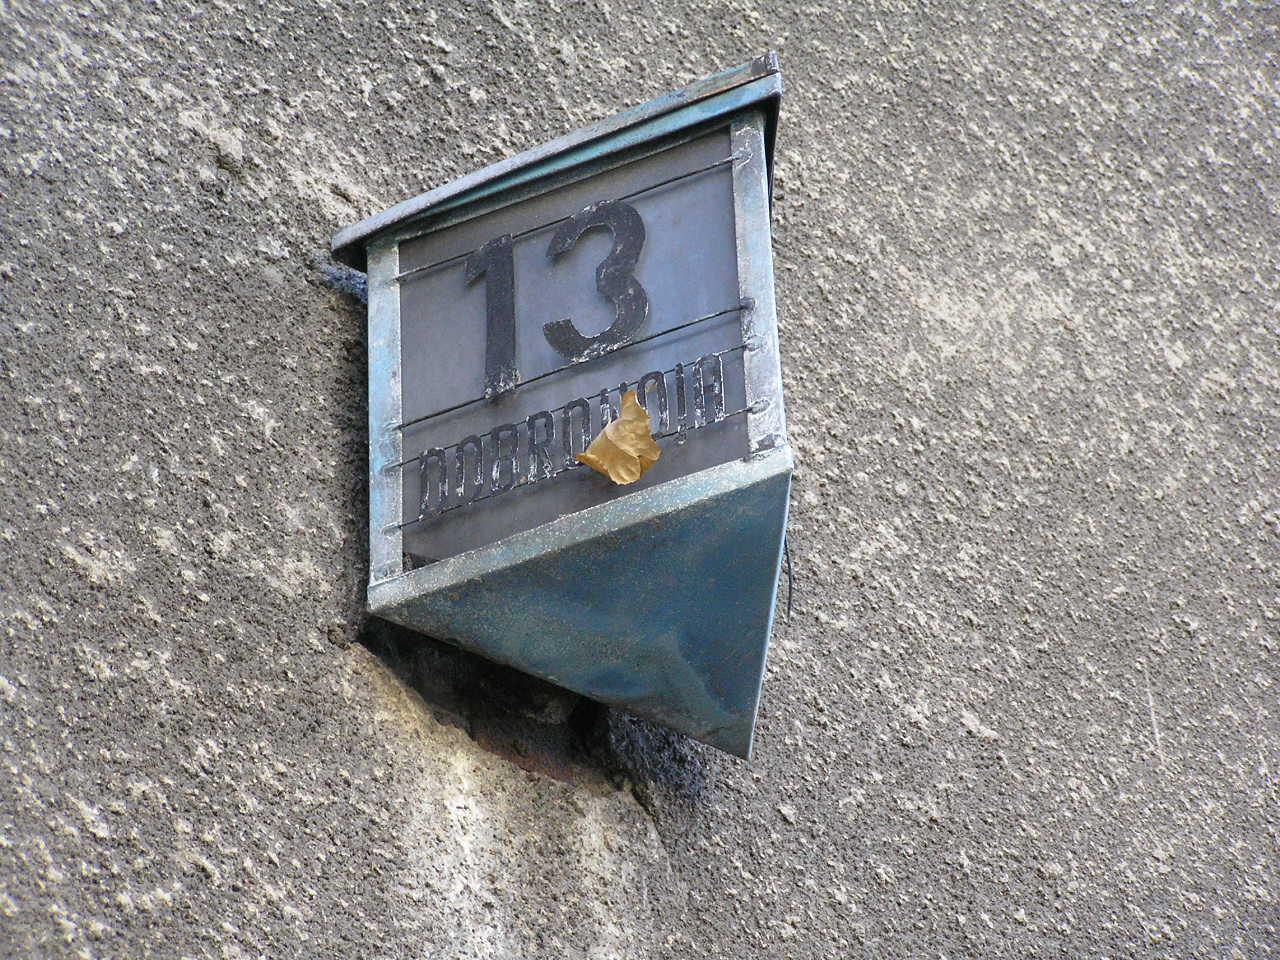 Latarenka adresowa - Dobrowoja 13